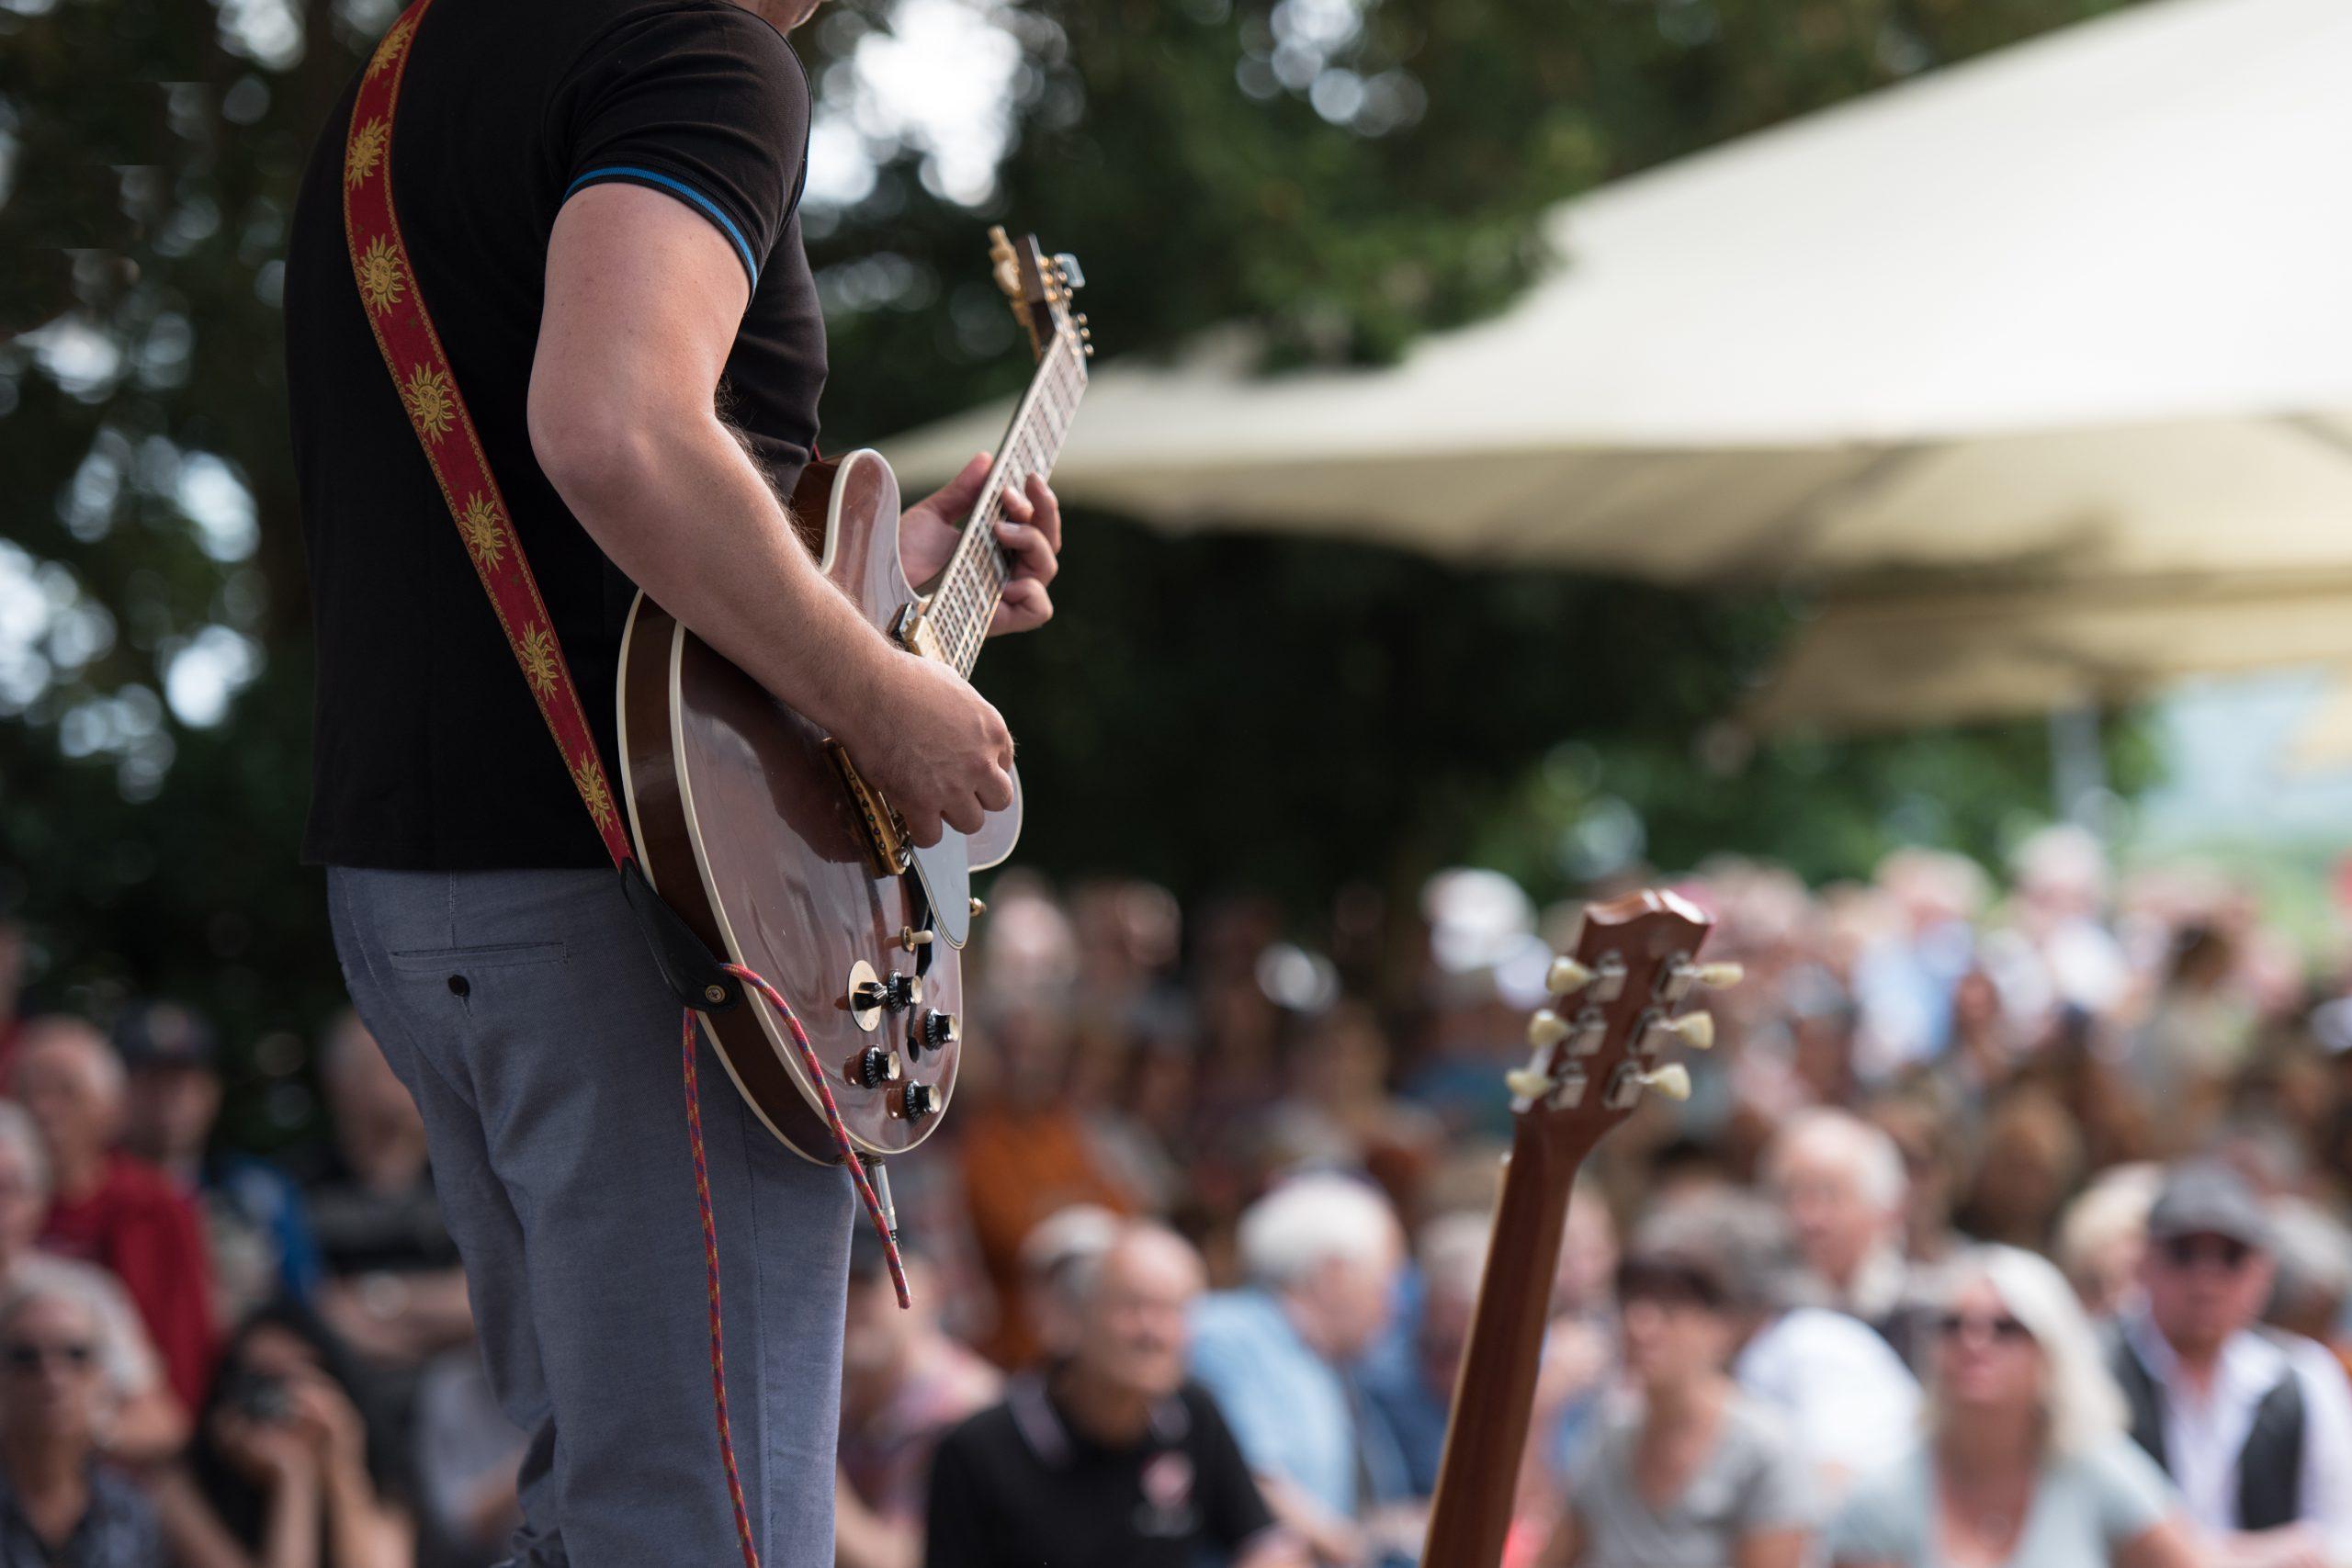 Artiest speelt gitaar op een podium